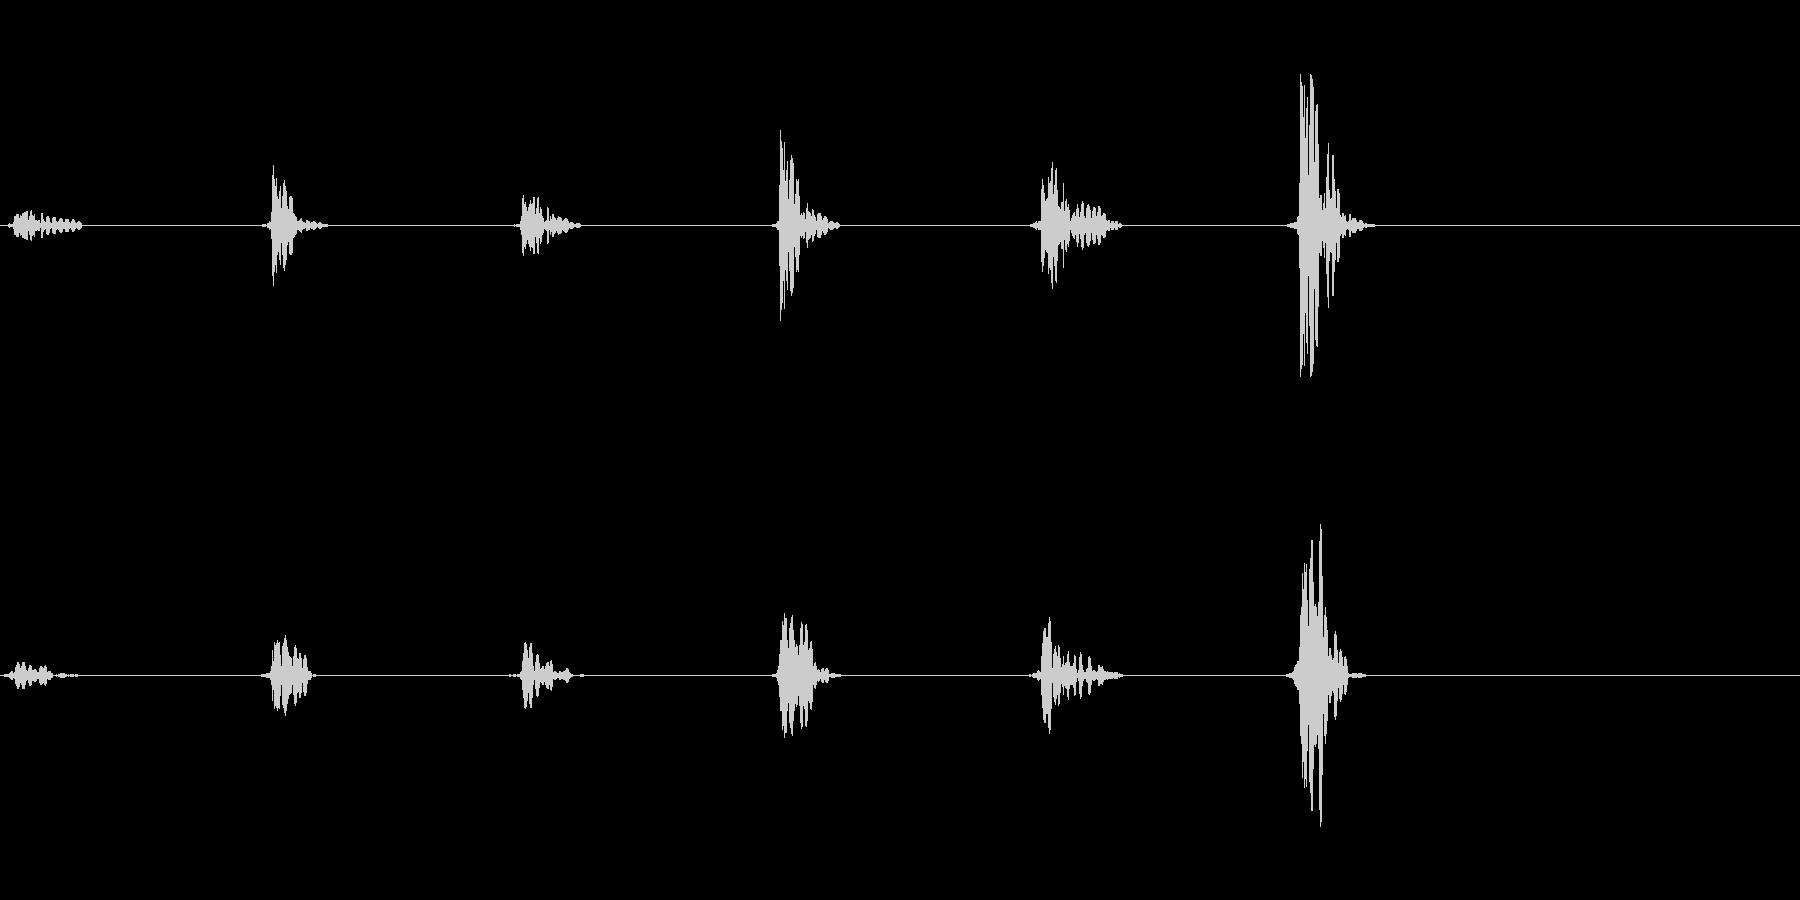 近づく足音の未再生の波形